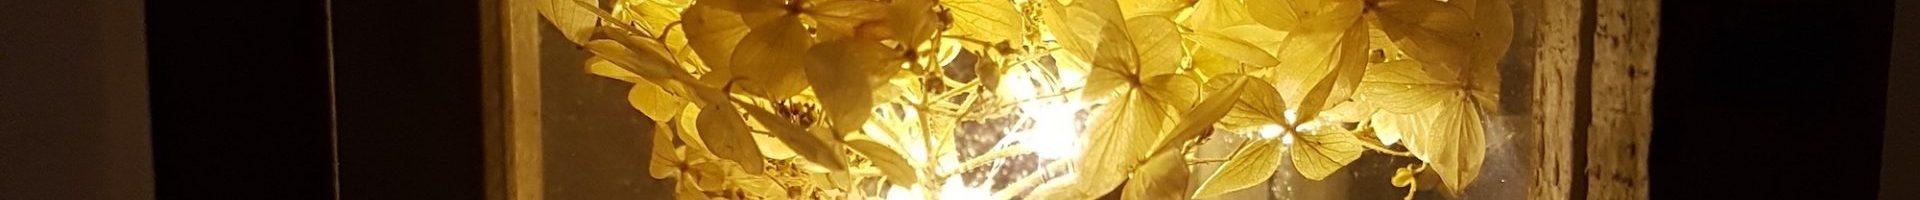 BuMa informiert: HunUnf-Verbot wegen Corona gekippt